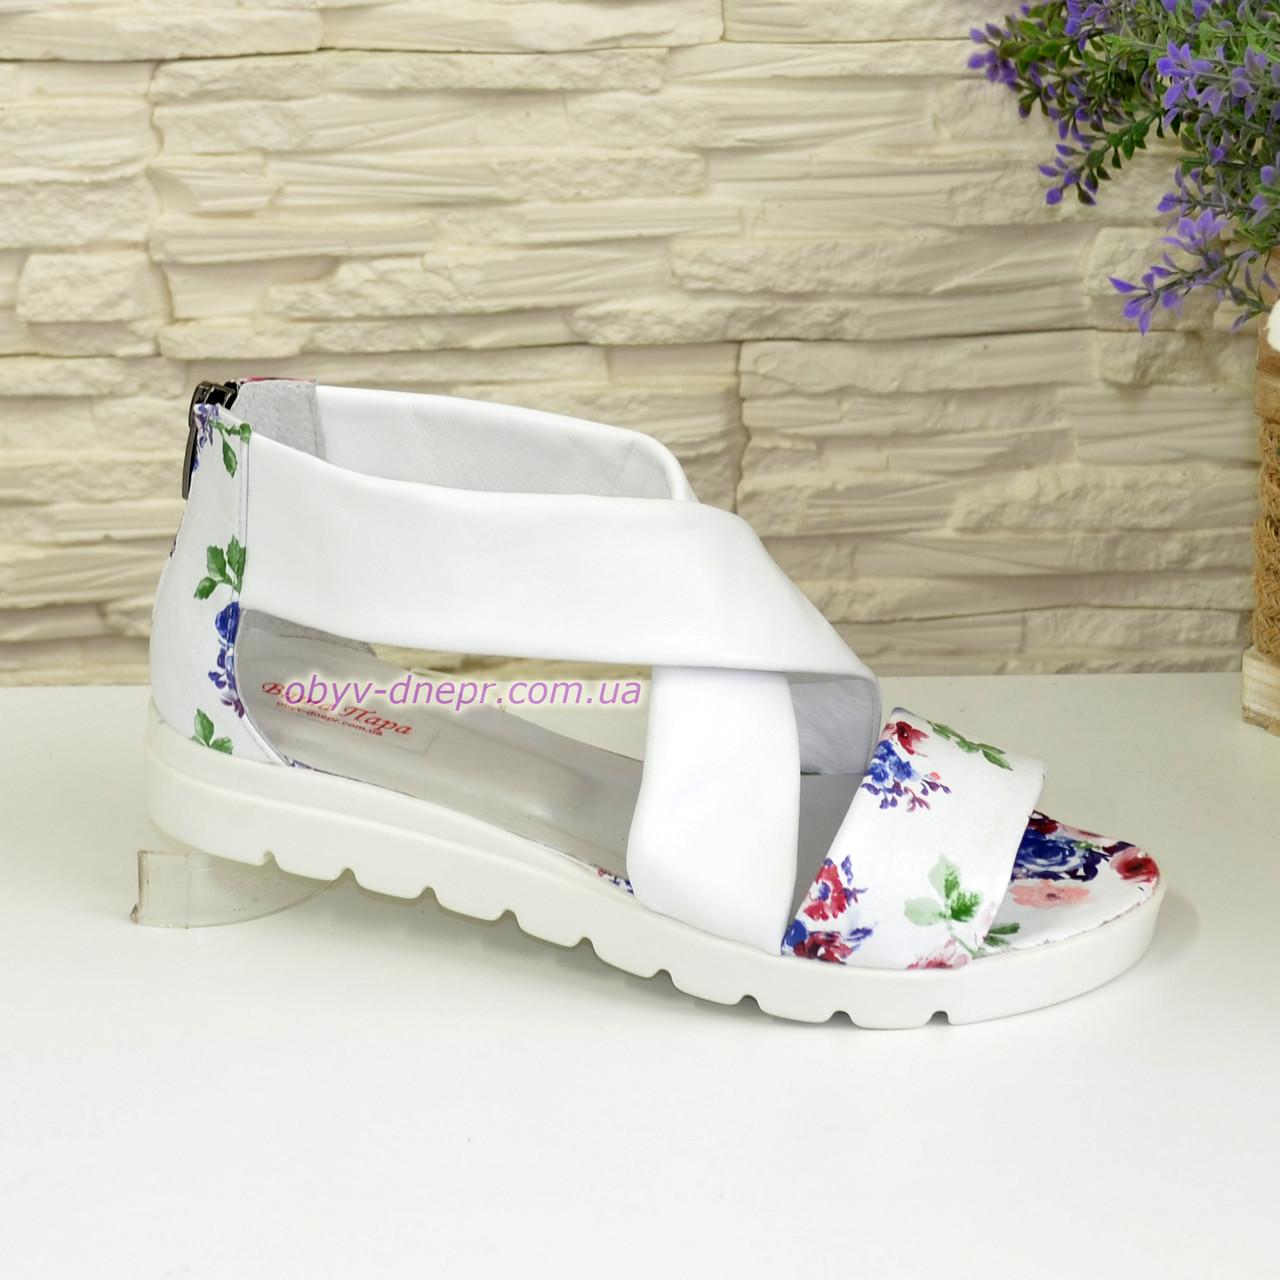 Кожаные женские босоножки римлянки, цвет цветы/белый